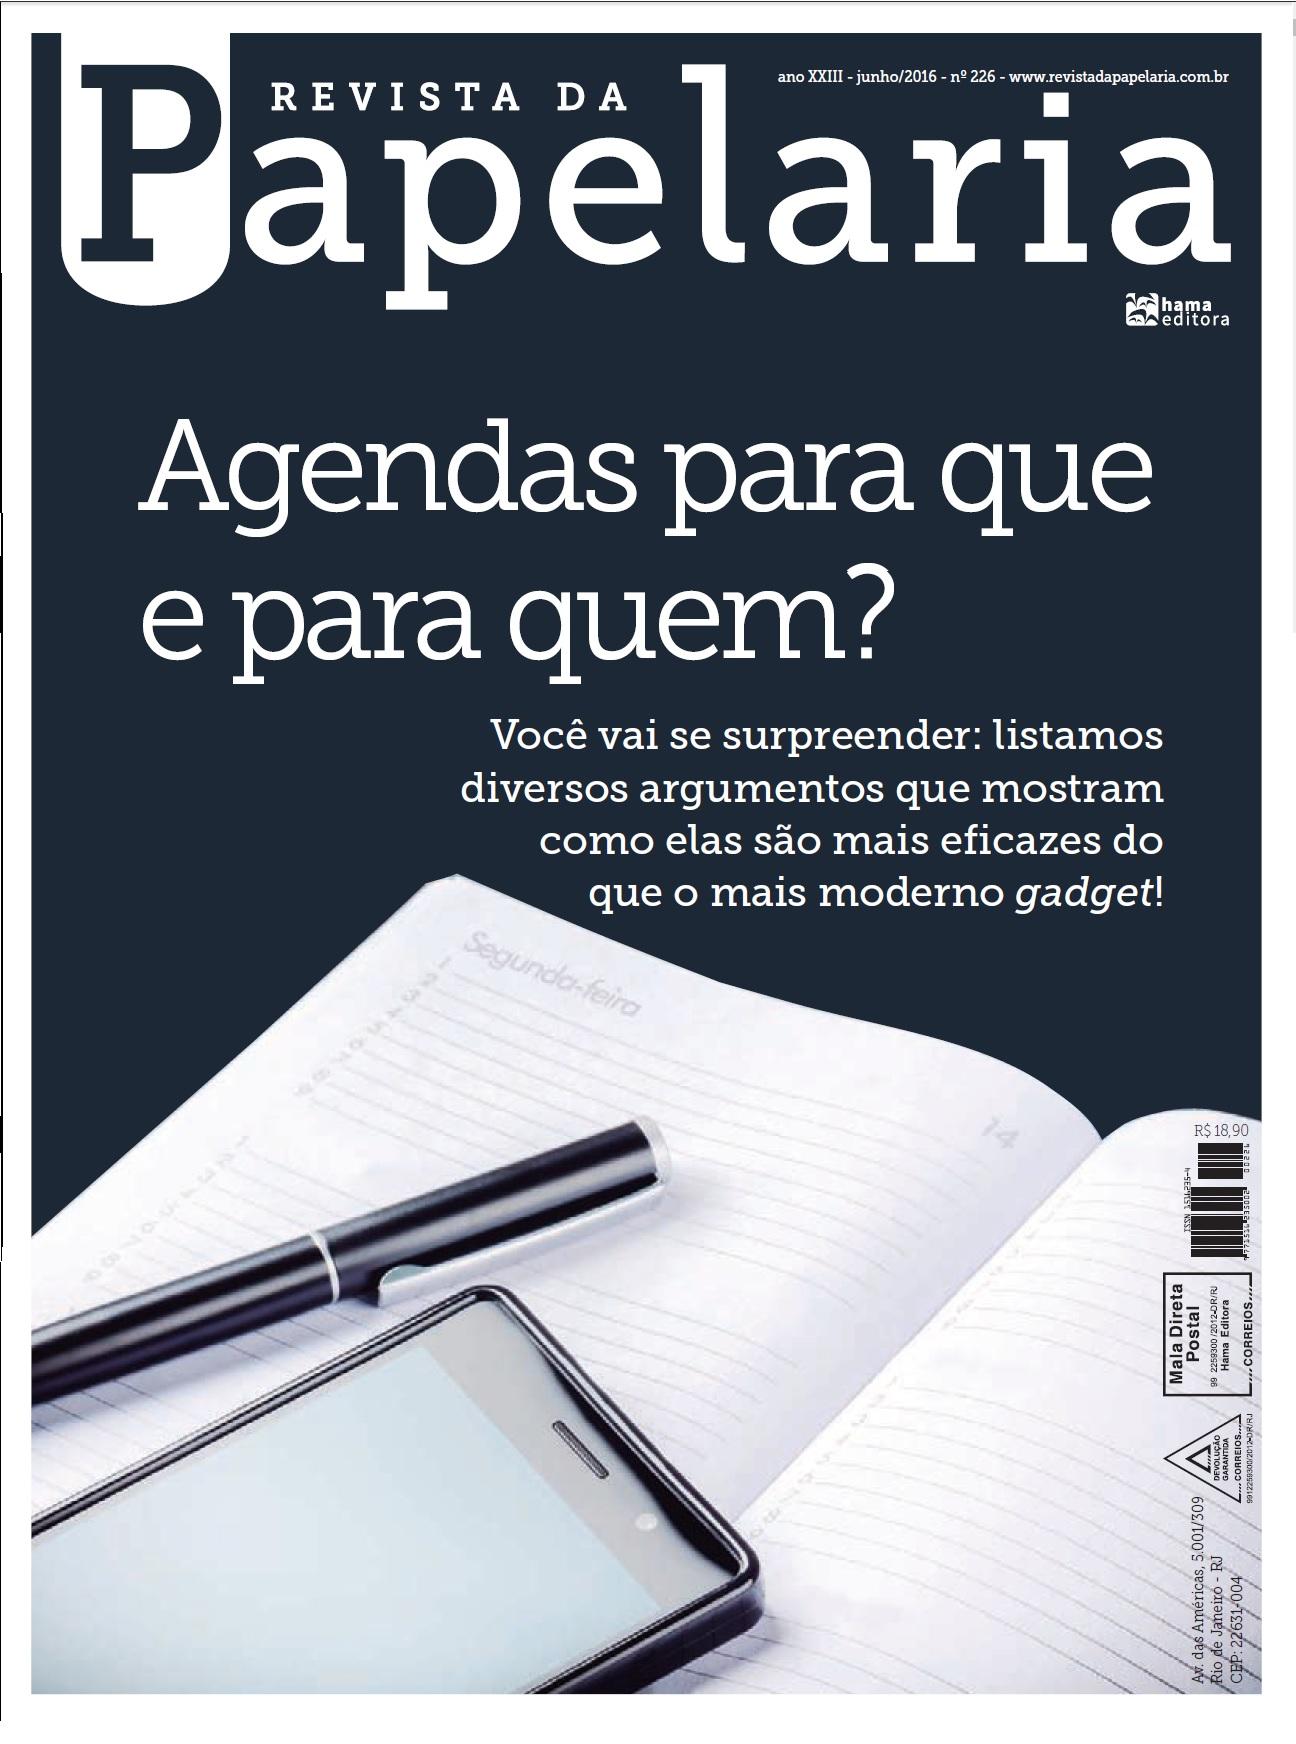 Capa da Revista da Papelaria _ Julho